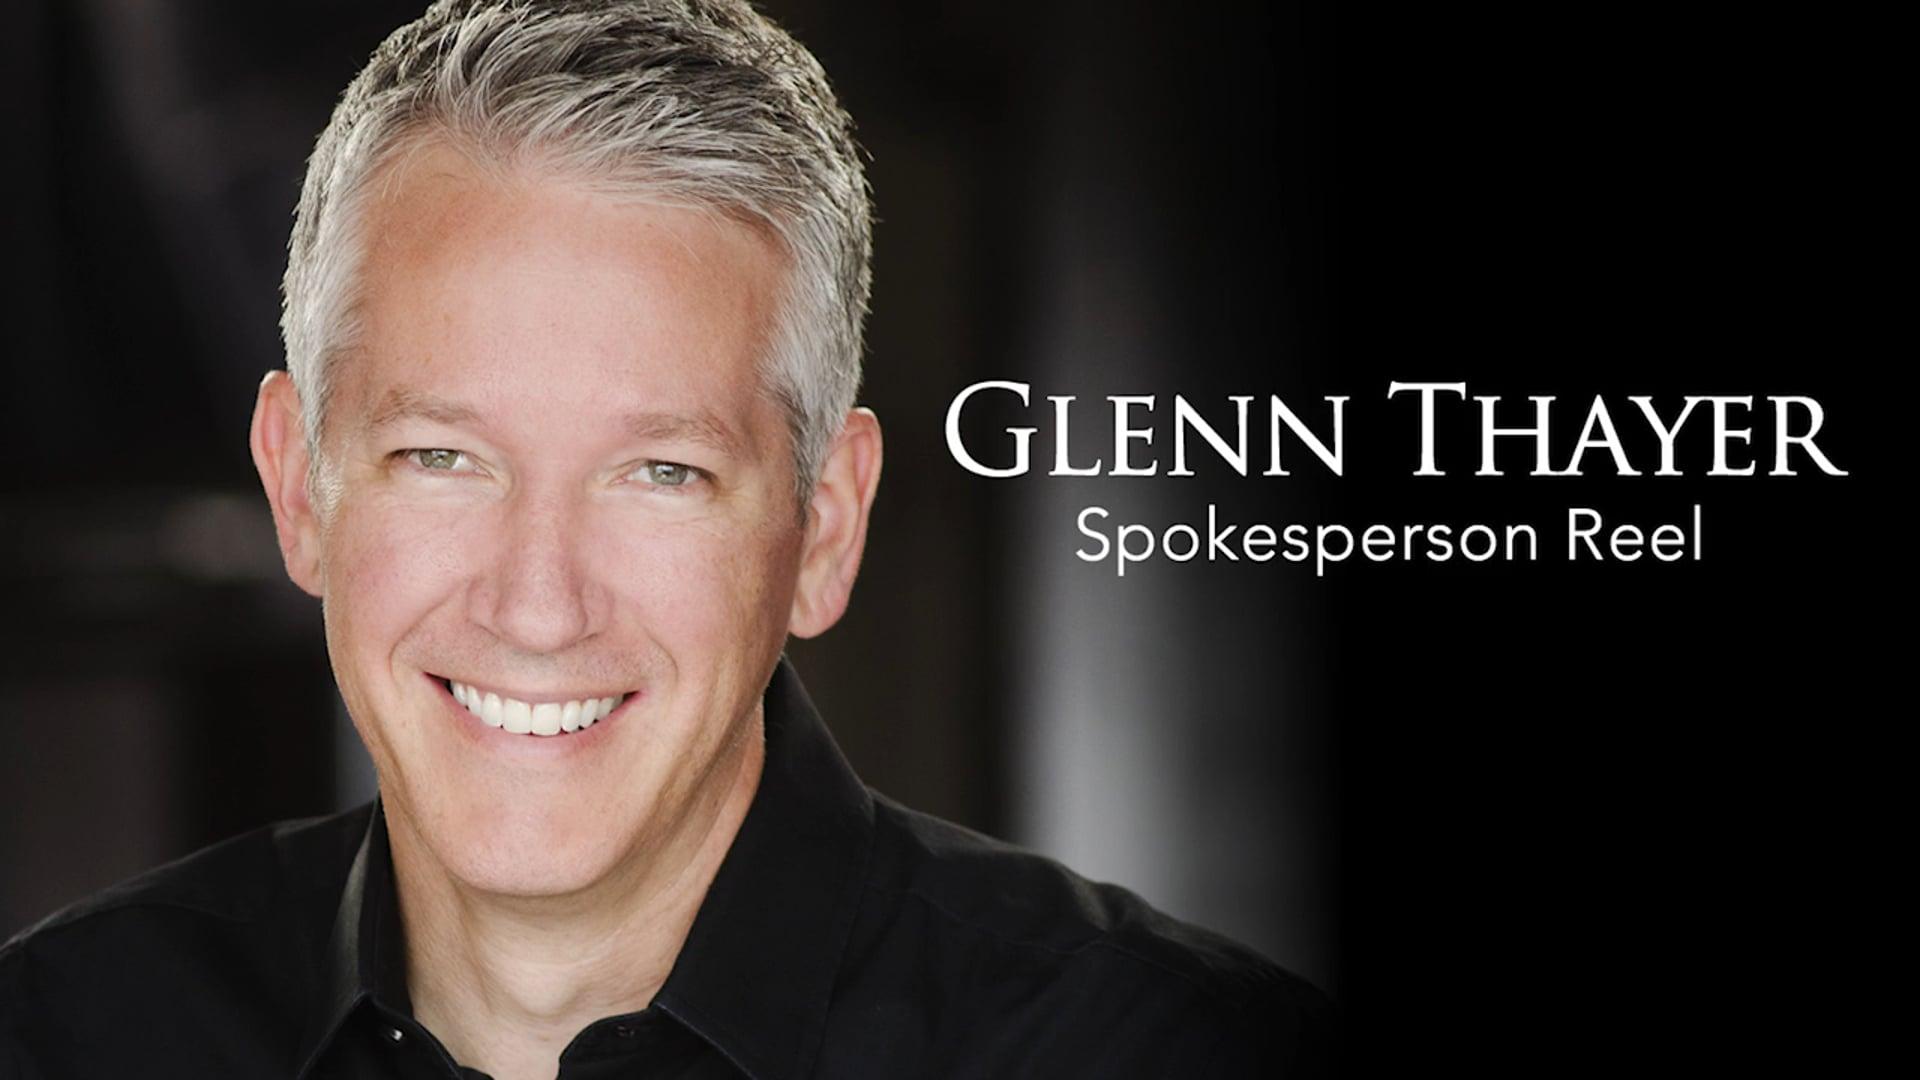 Glenn Thayer Spokesperson Reel